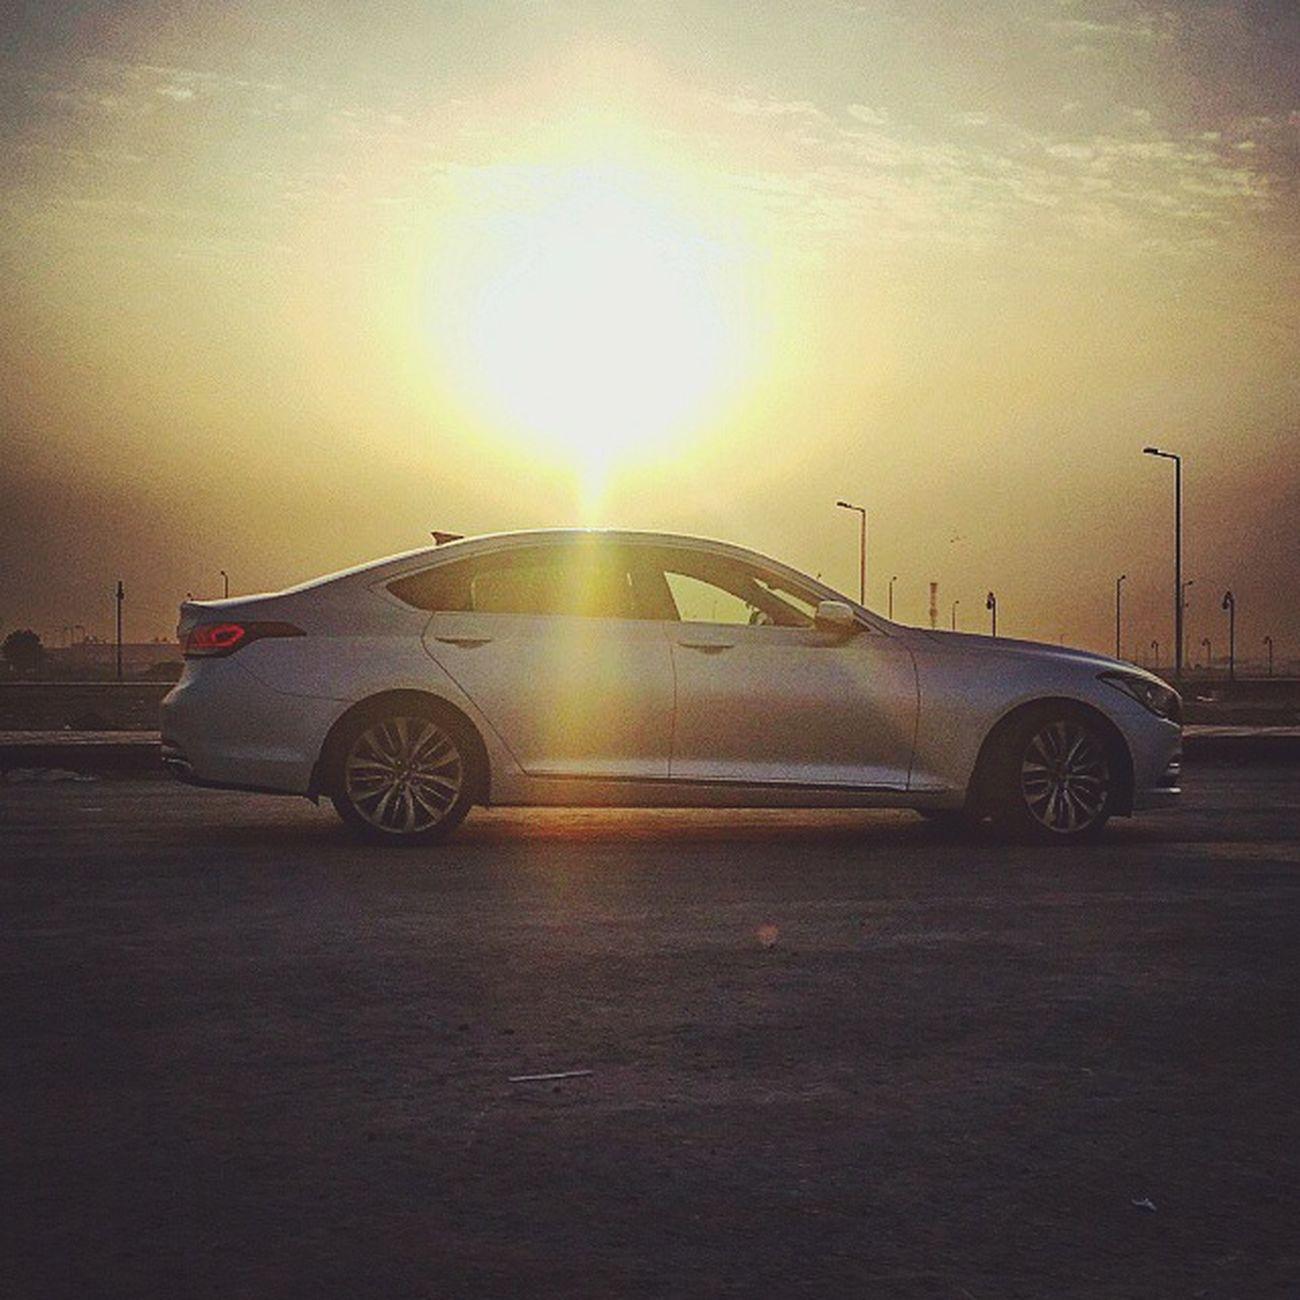 Genesis جينيسس الجمال  الحب الرياض سيارات Car السعودية  😍